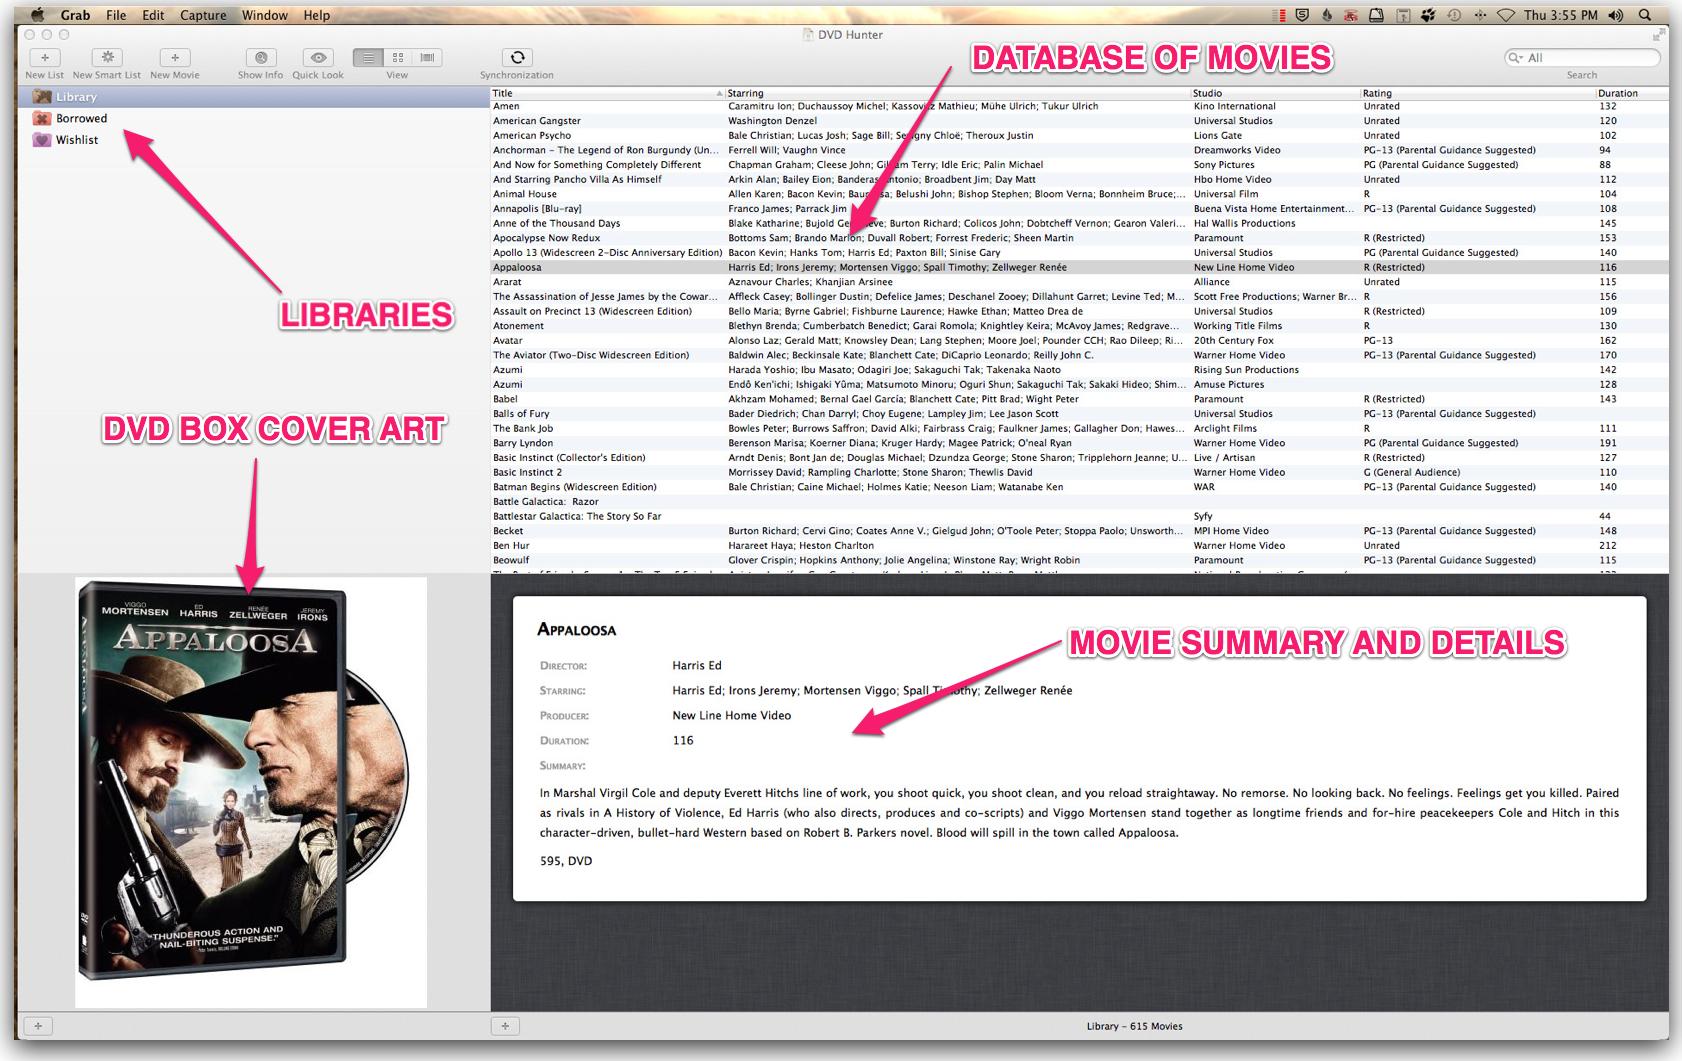 DVD Hunter User Interface Explained